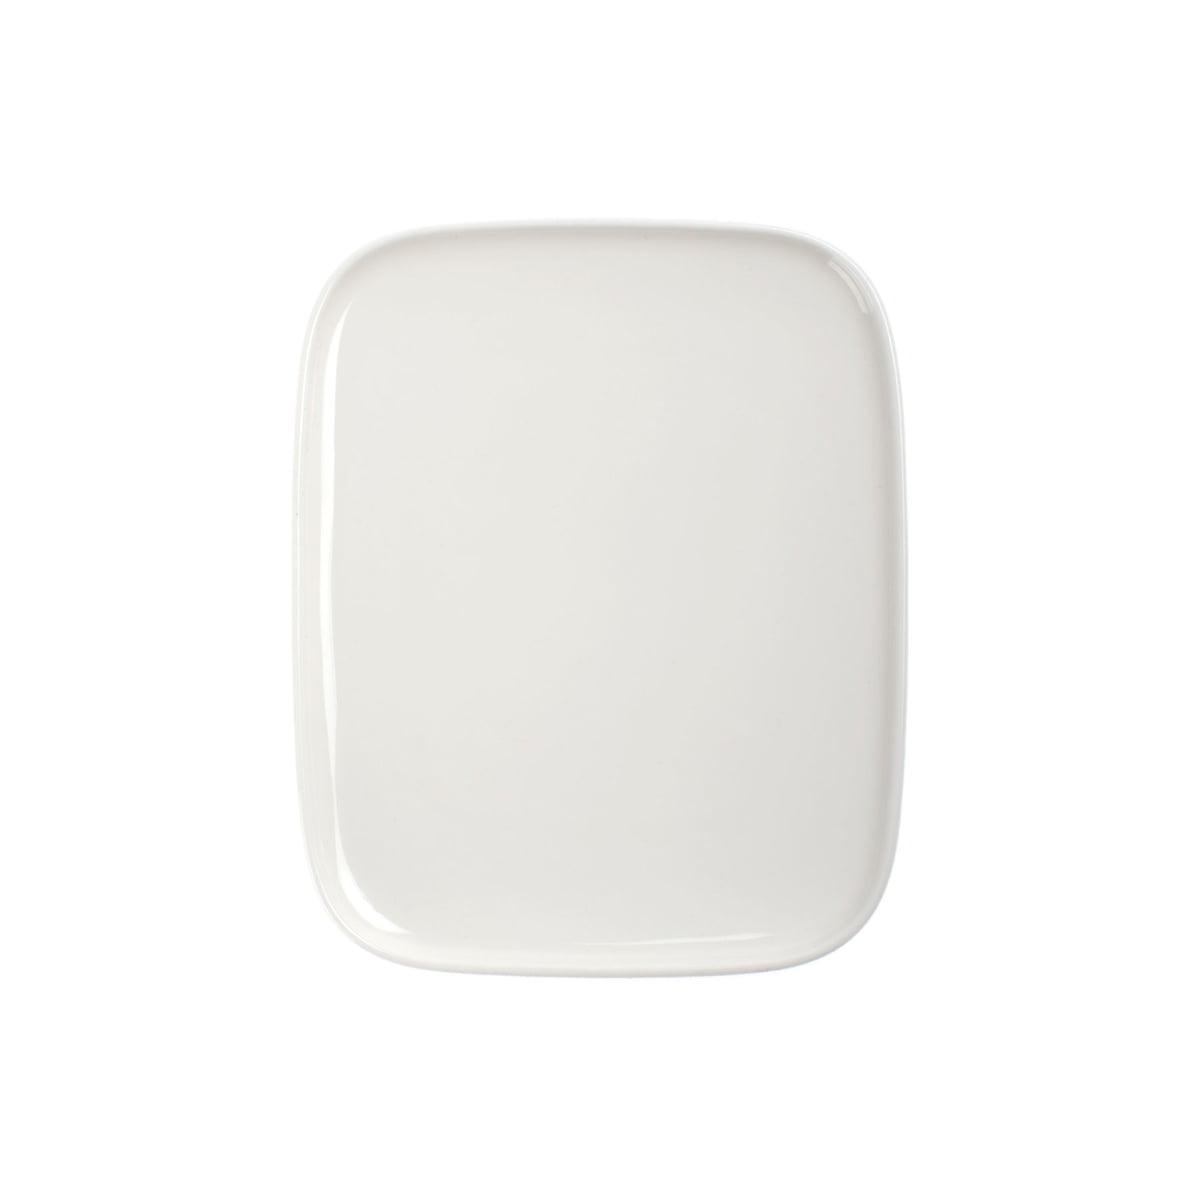 Marimekko - Oiva Teller, 15 x 12 cm, weiß | Küche und Esszimmer > Besteck und Geschirr | Weiß | Steinzeug | marimekko